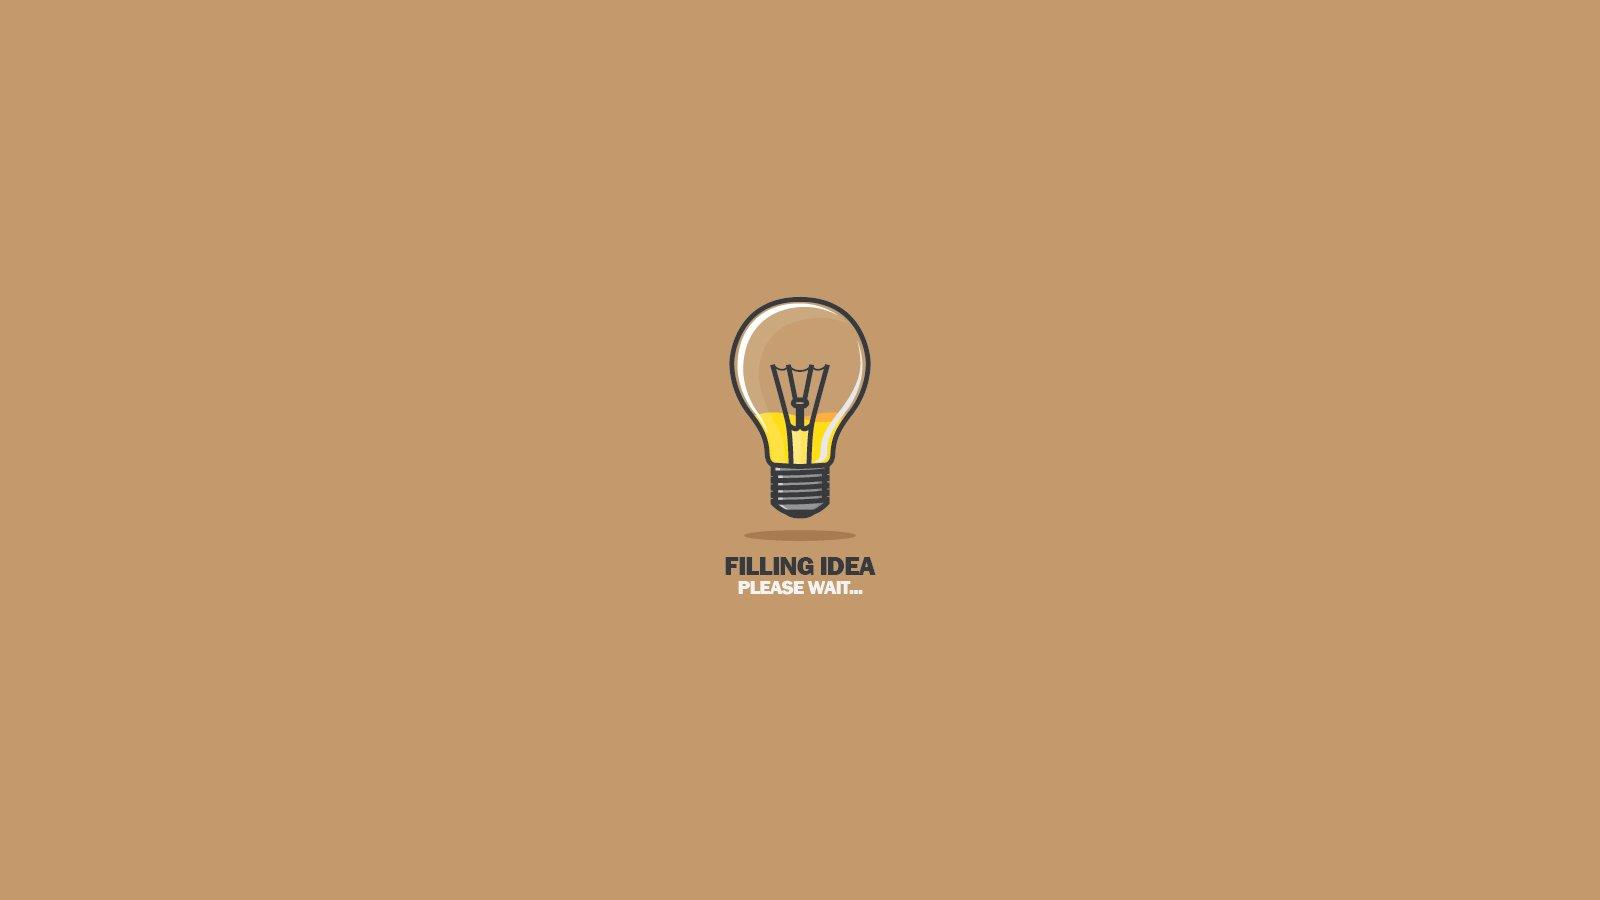 lightbulb idea wallpaper 1600x900 360324 wallpaperup